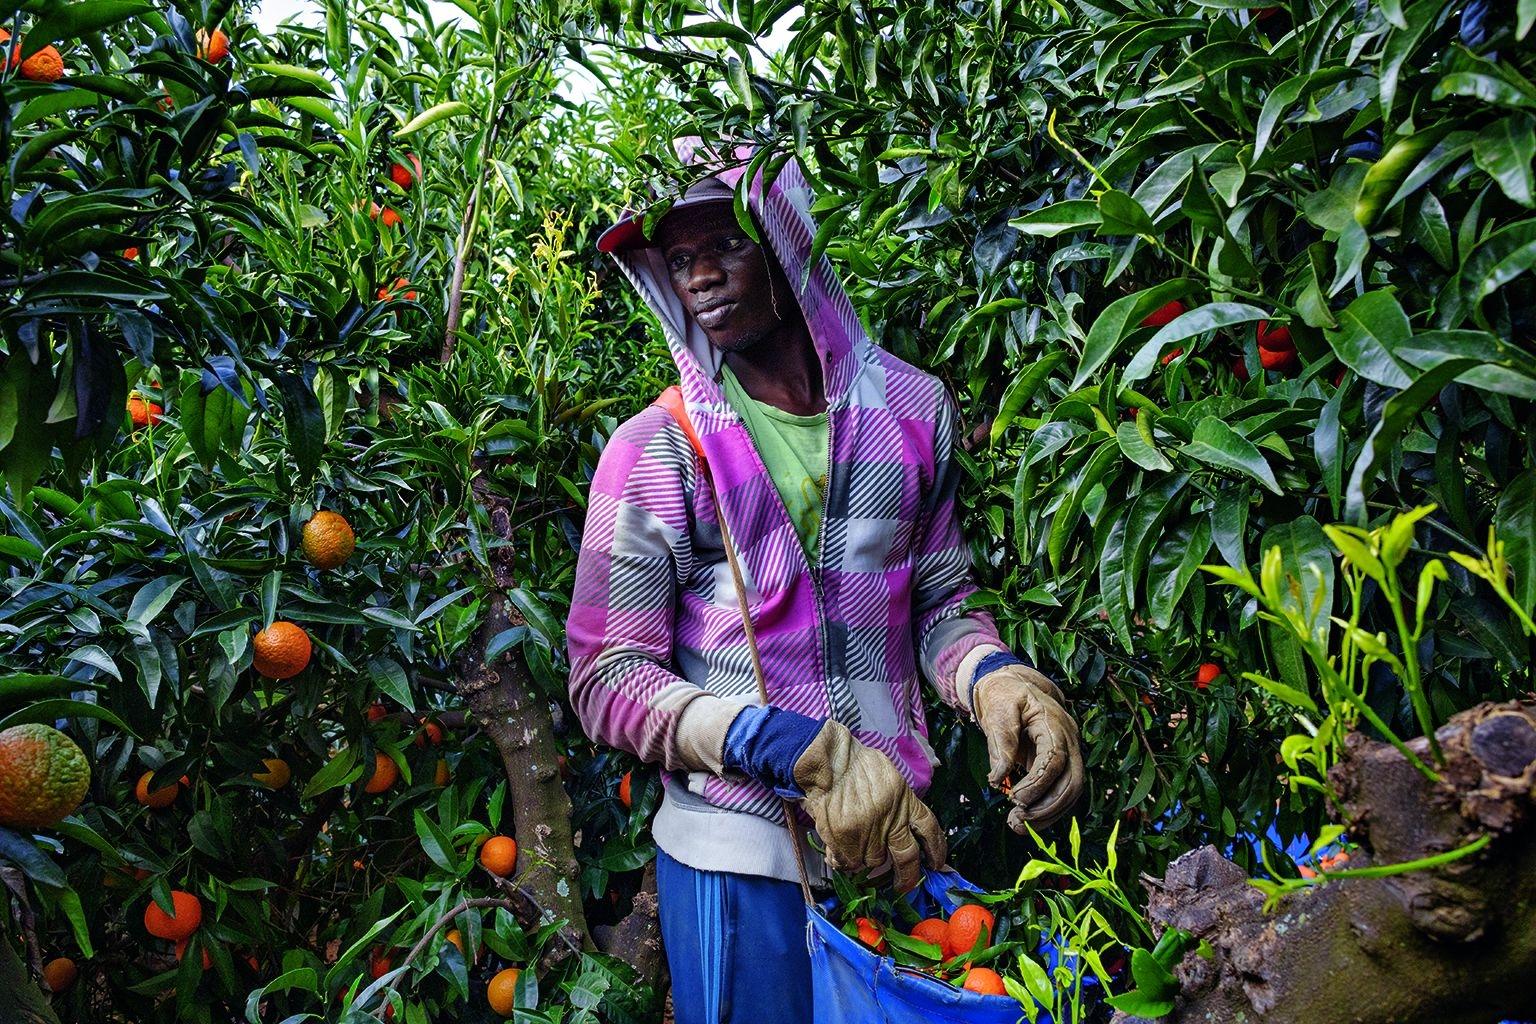 2016年從塞內加爾到達南西班牙的農業地區後,恩百耶.圖尼便在柑橘和其他果園從事定期的季節性工作。現年25歲的他已取得合法居留,並與其他塞內加爾人一起合租公寓。攝影:艾托.萊拉 AITOR LARA